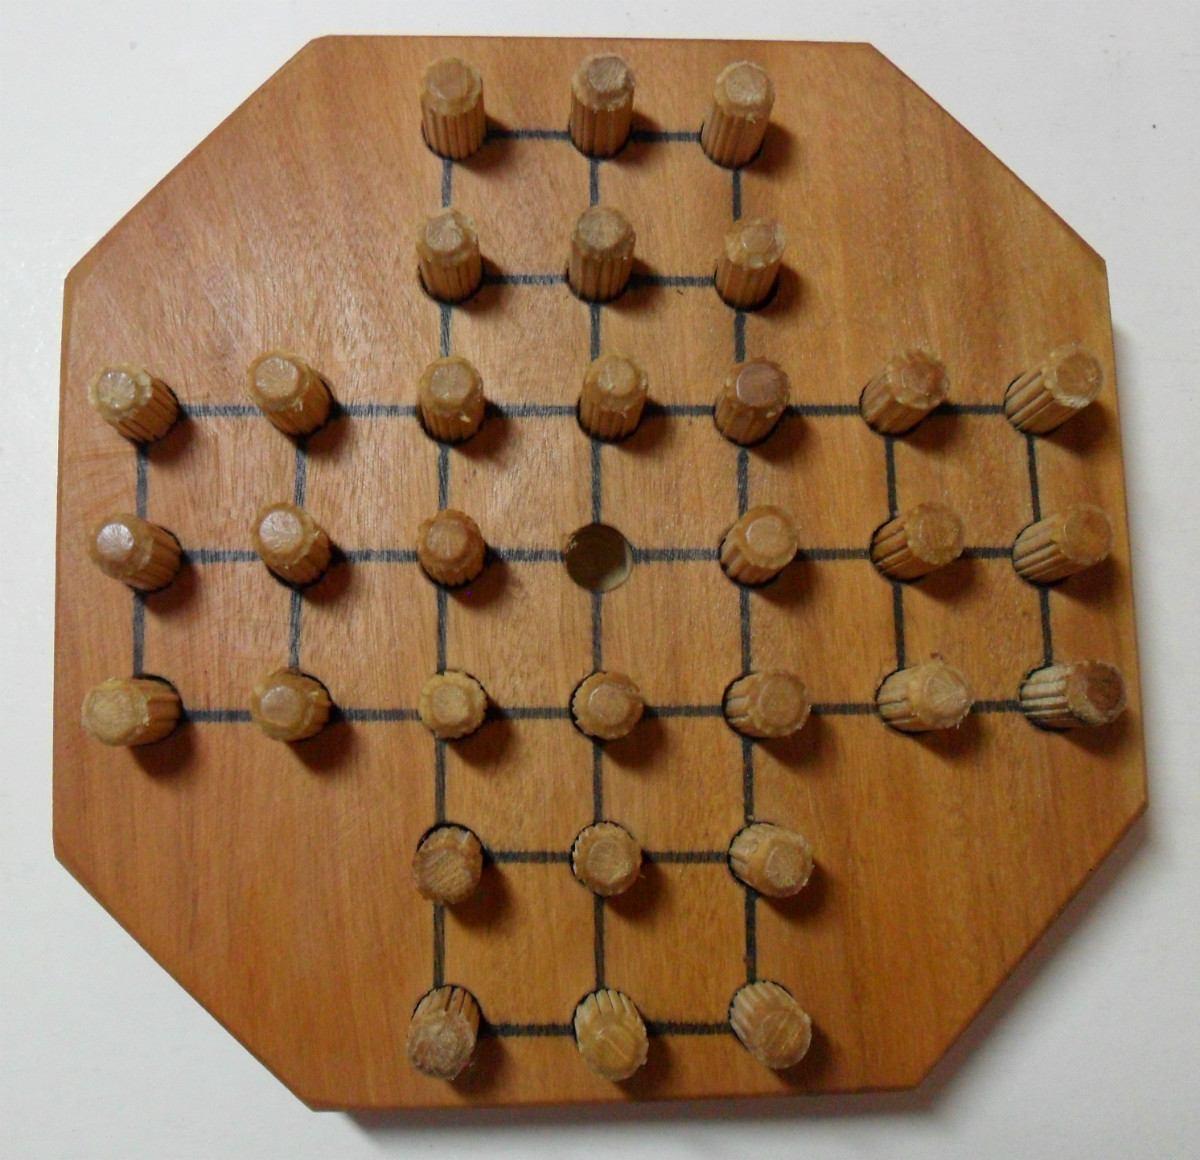 brinquedos artesanais de madeira 13